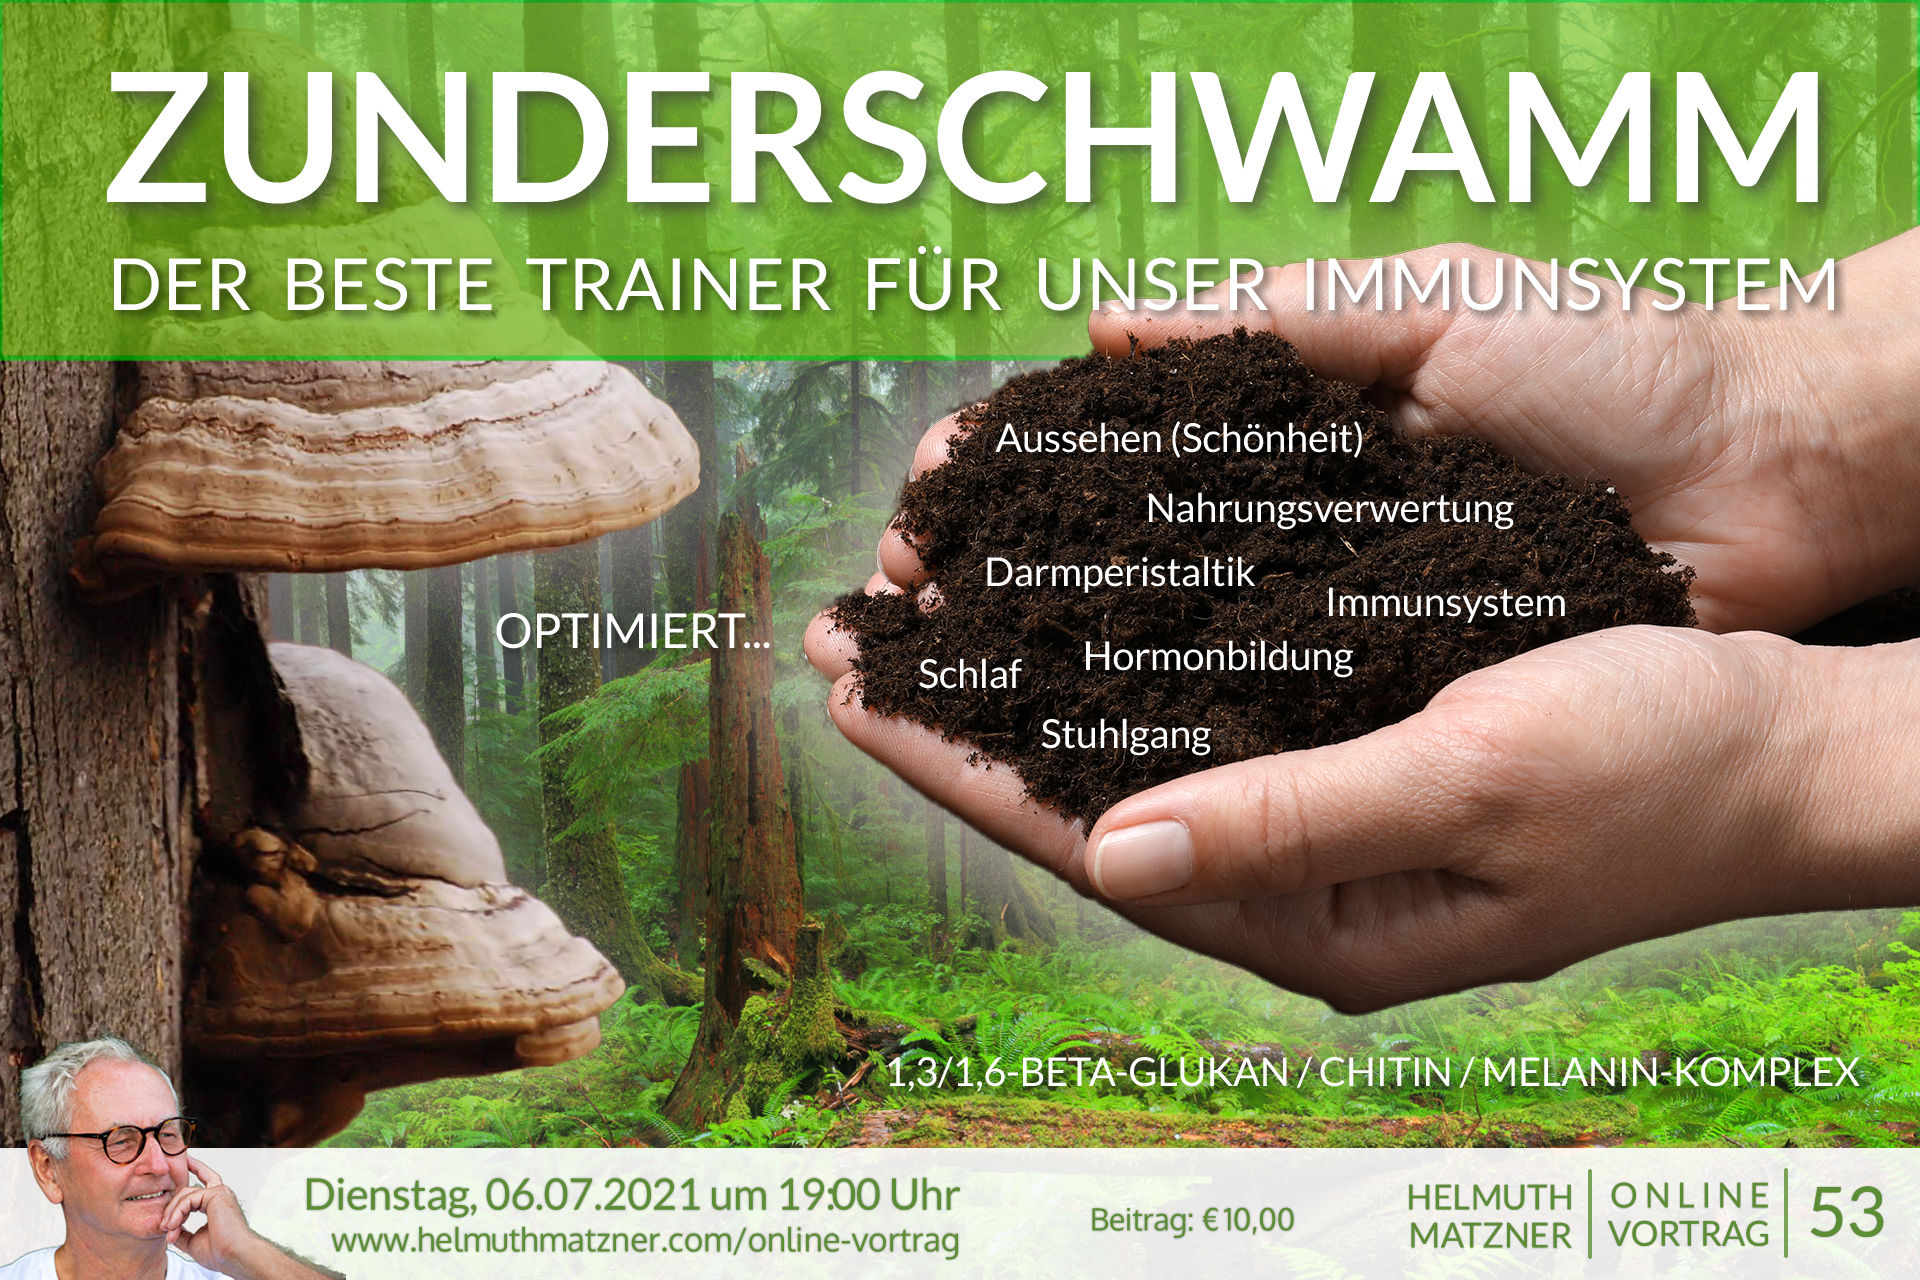 Helmuth Matzner - Online-Vortrag 53 - Zunderschwamm - Banner v01B